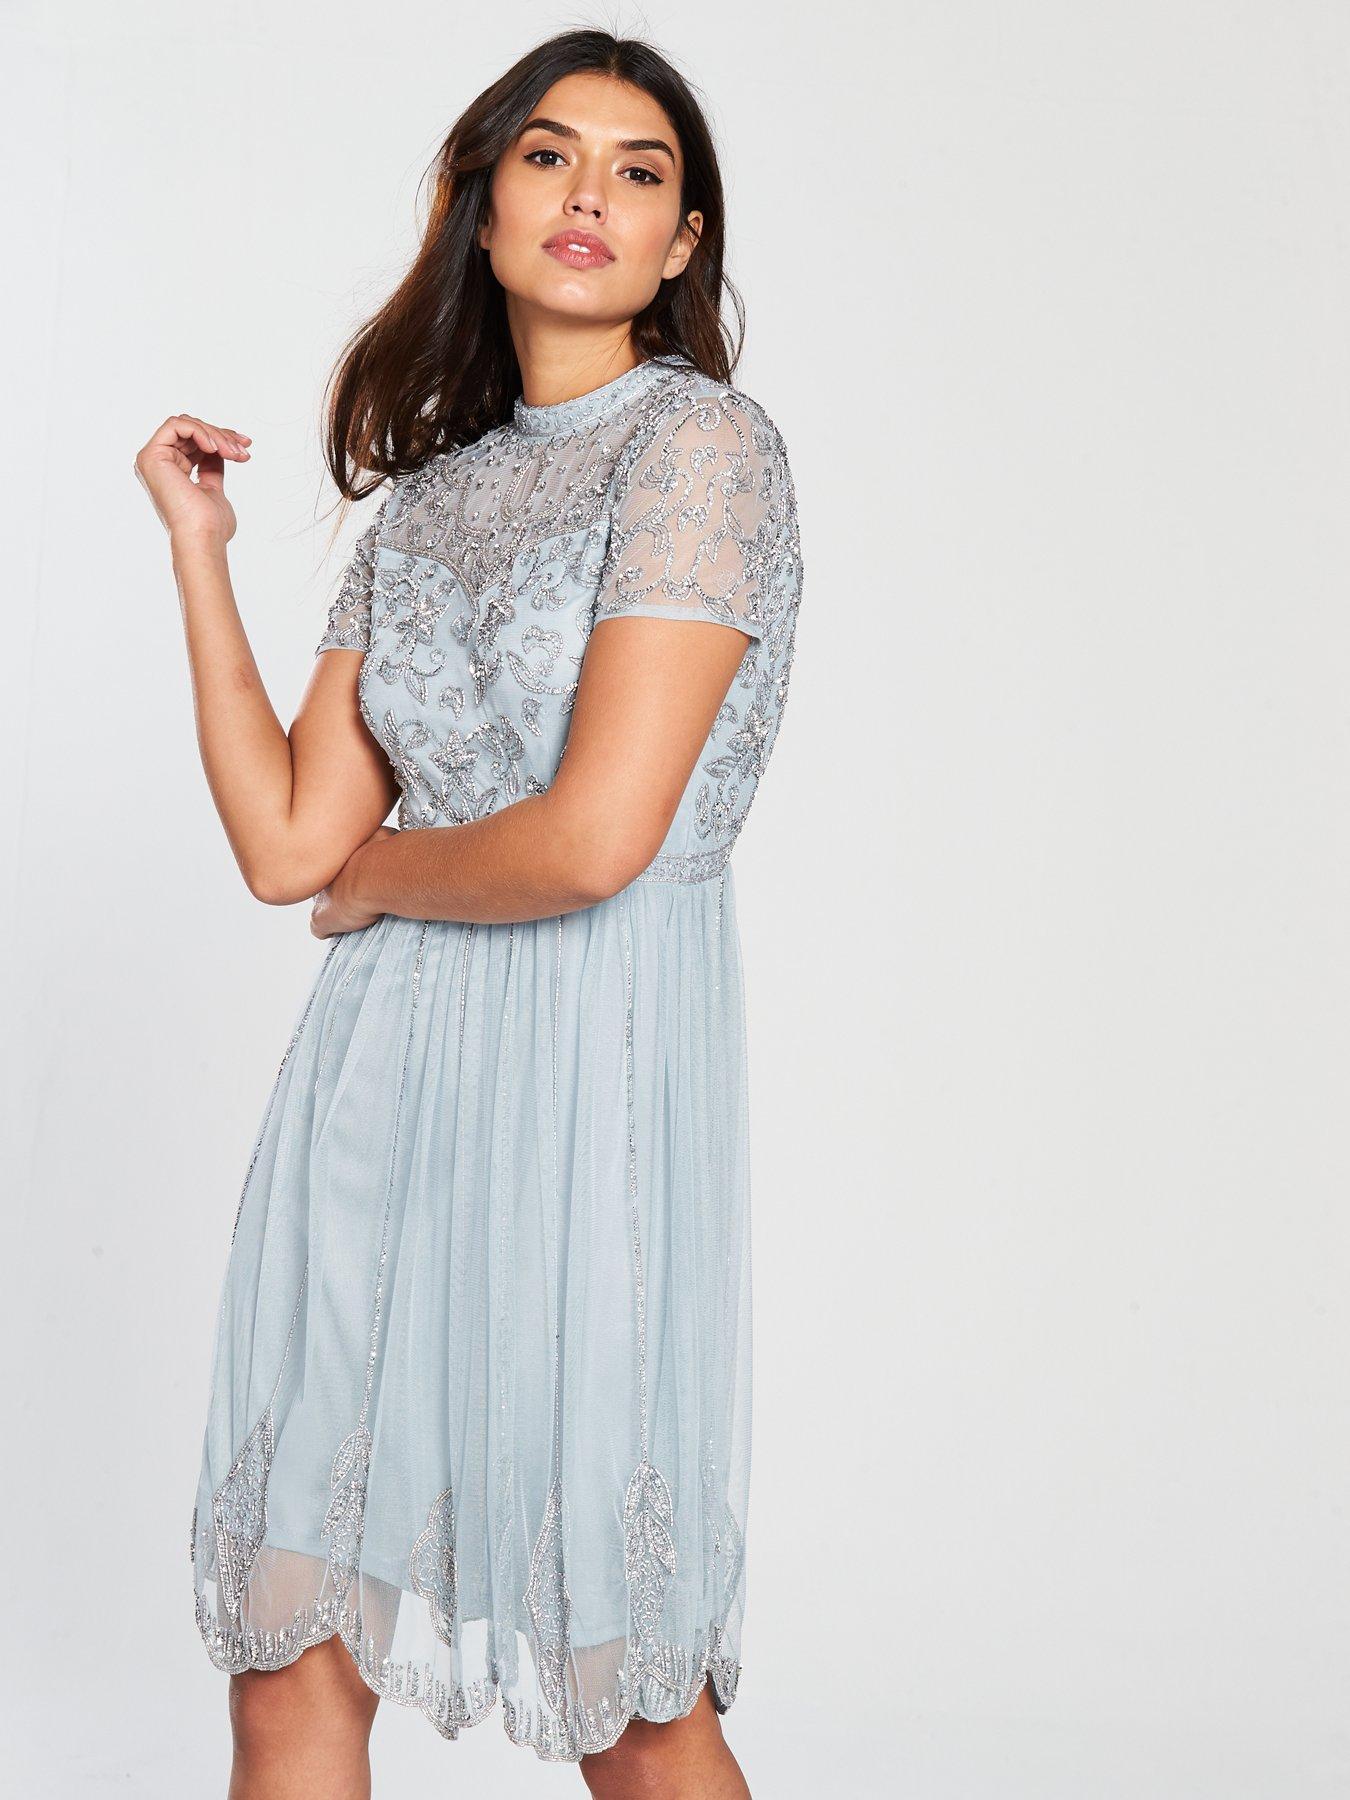 Dusky blue lace dress